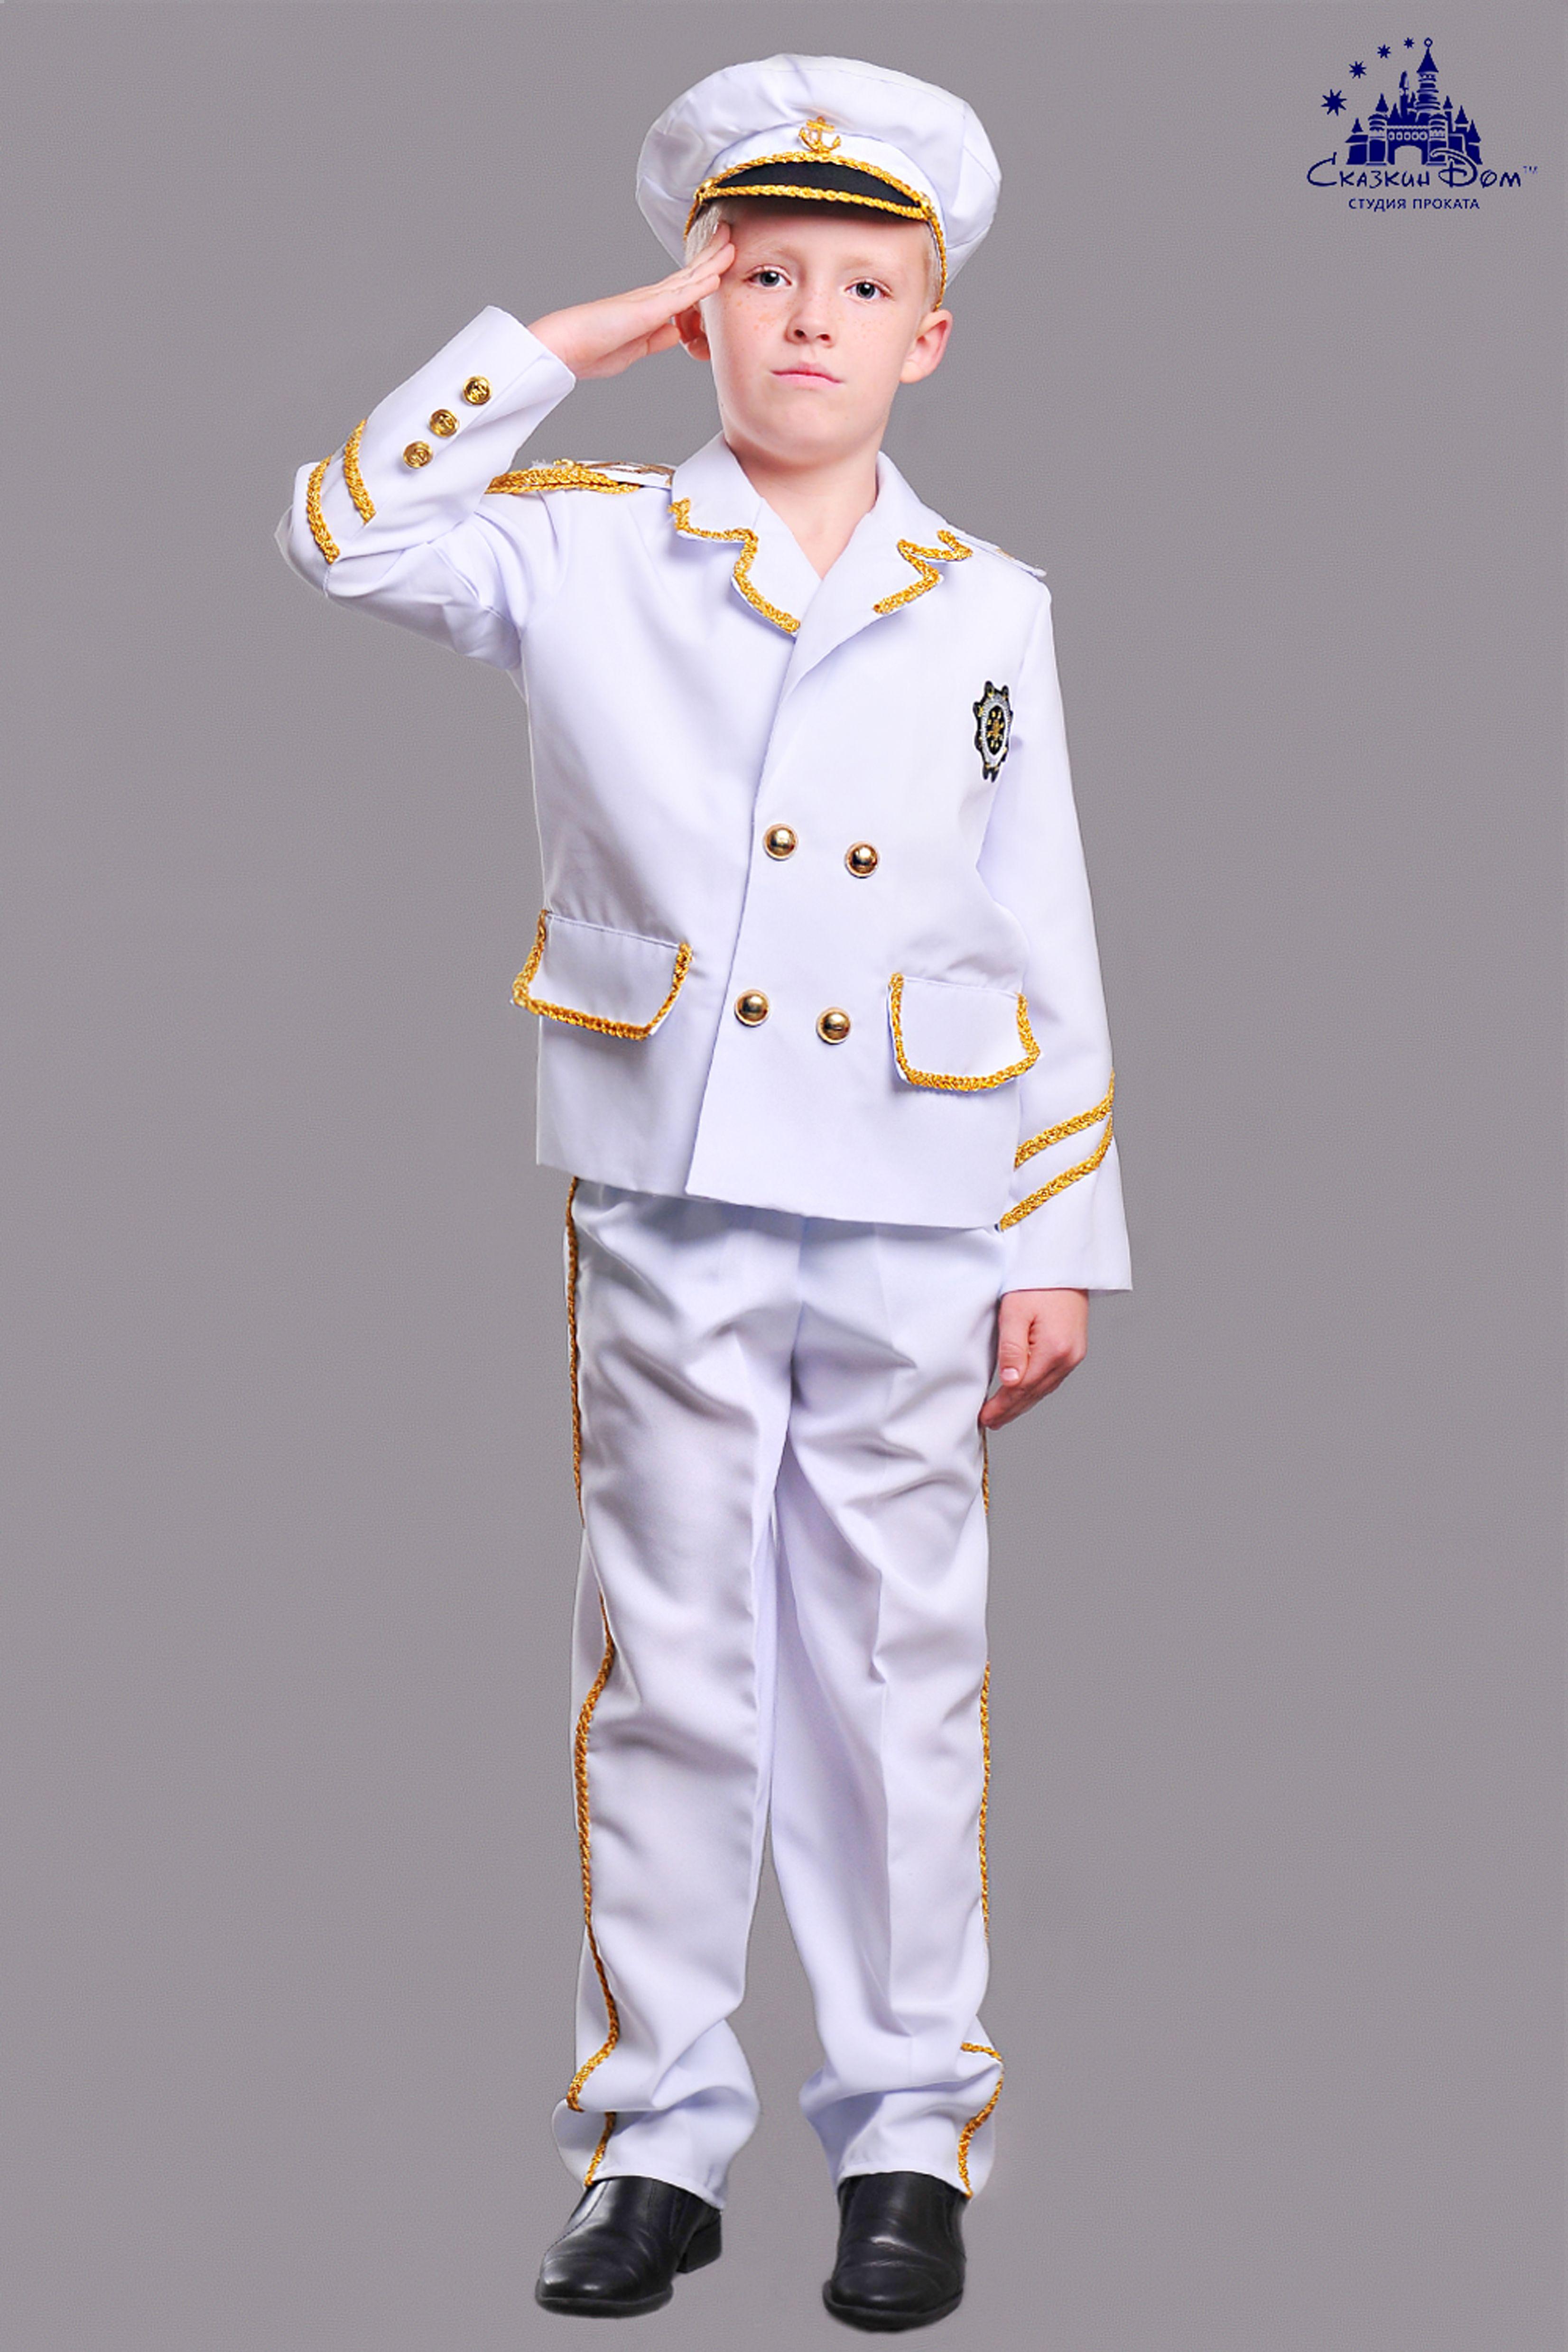 Аренда костюма капитан корабля, видео онлайн разрешила кончить внутрь